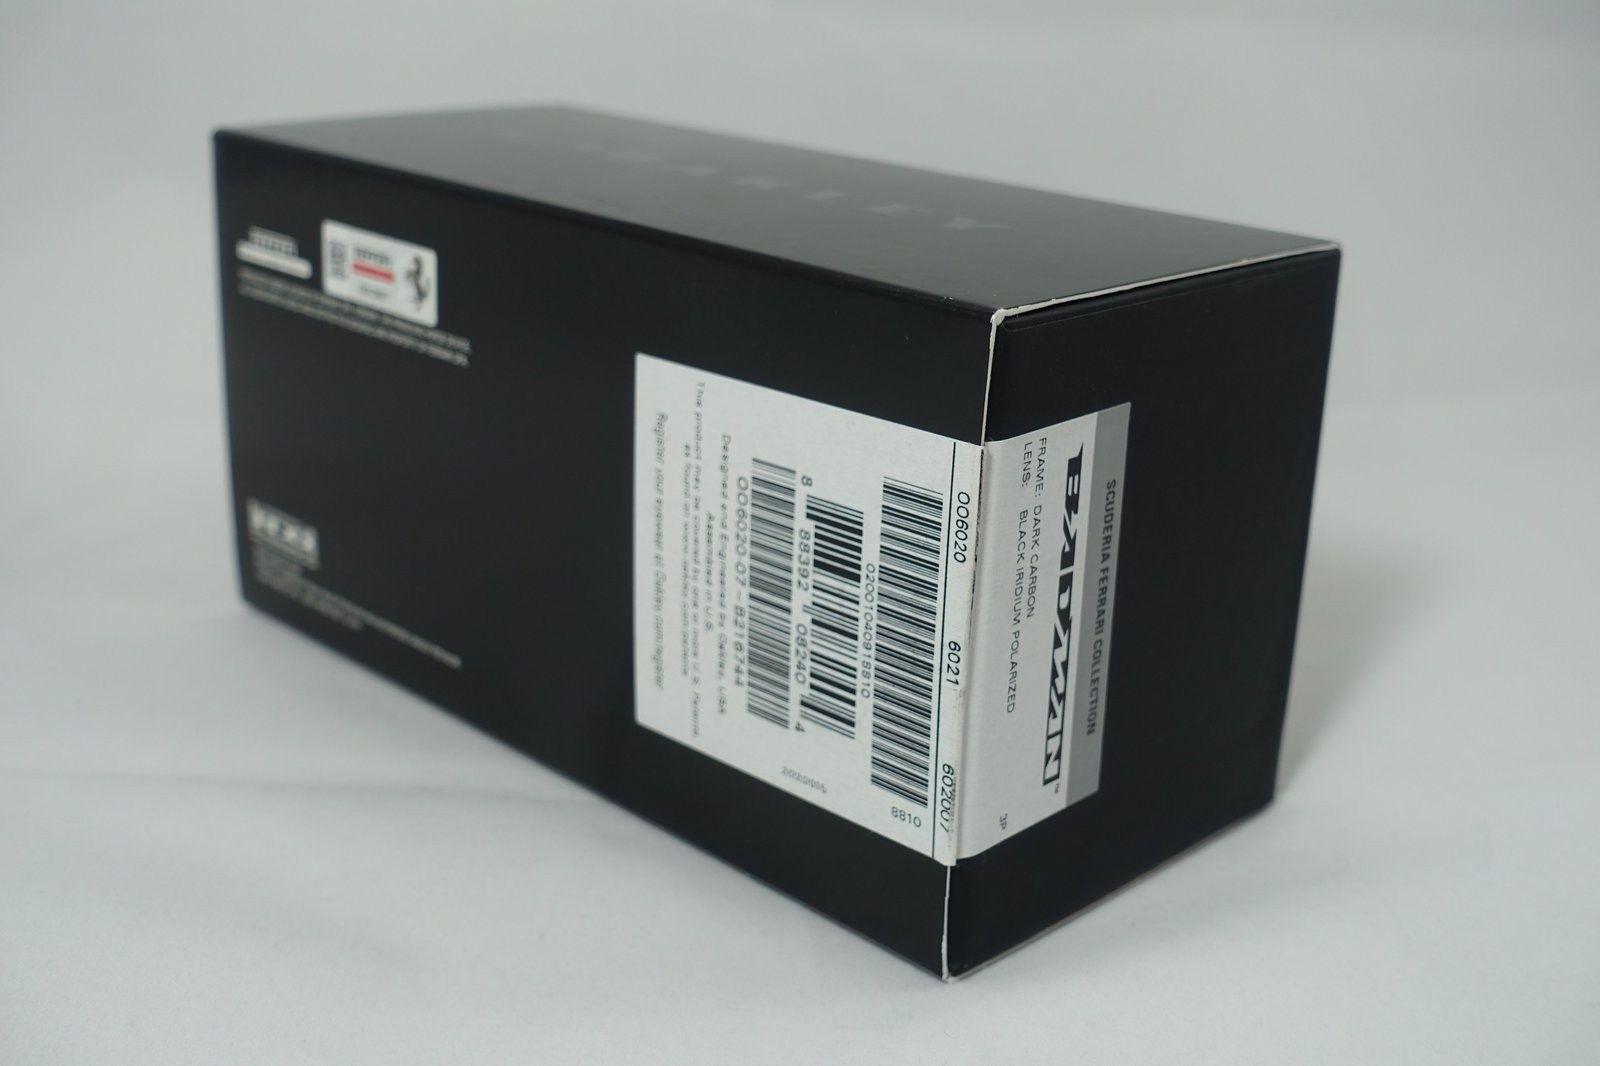 Badman Ferrari (Sealed) - DSC00282.JPG